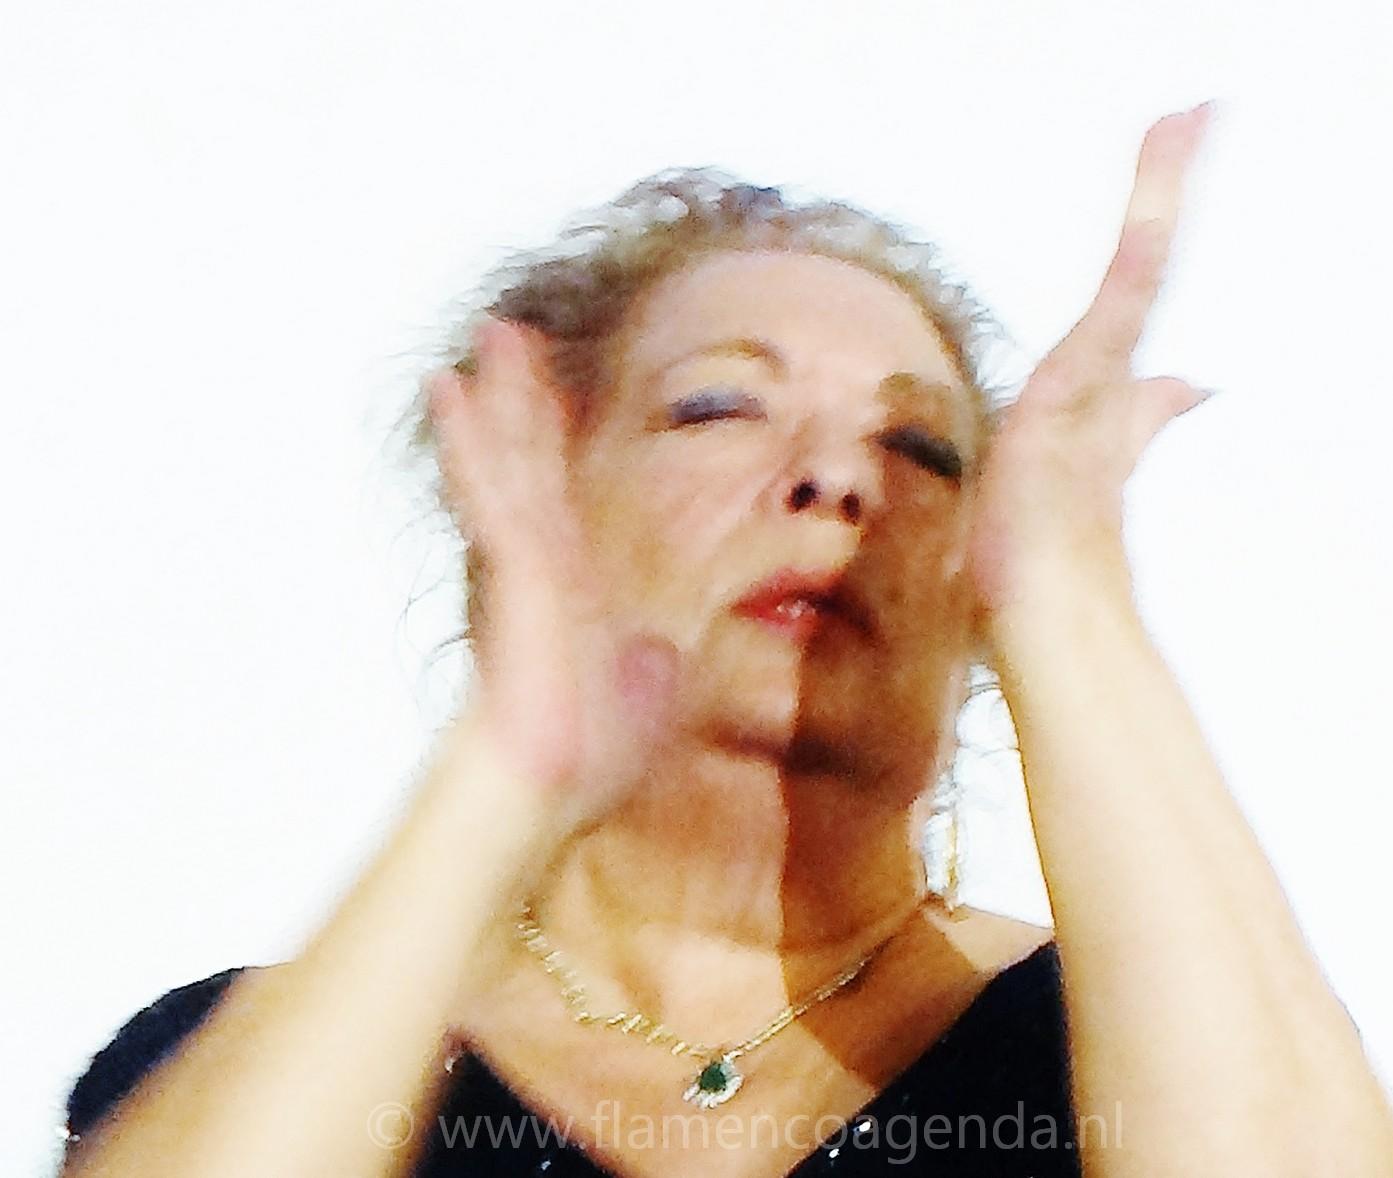 Portret La Chana tijdens live flamenco uitvoering en film vertoning